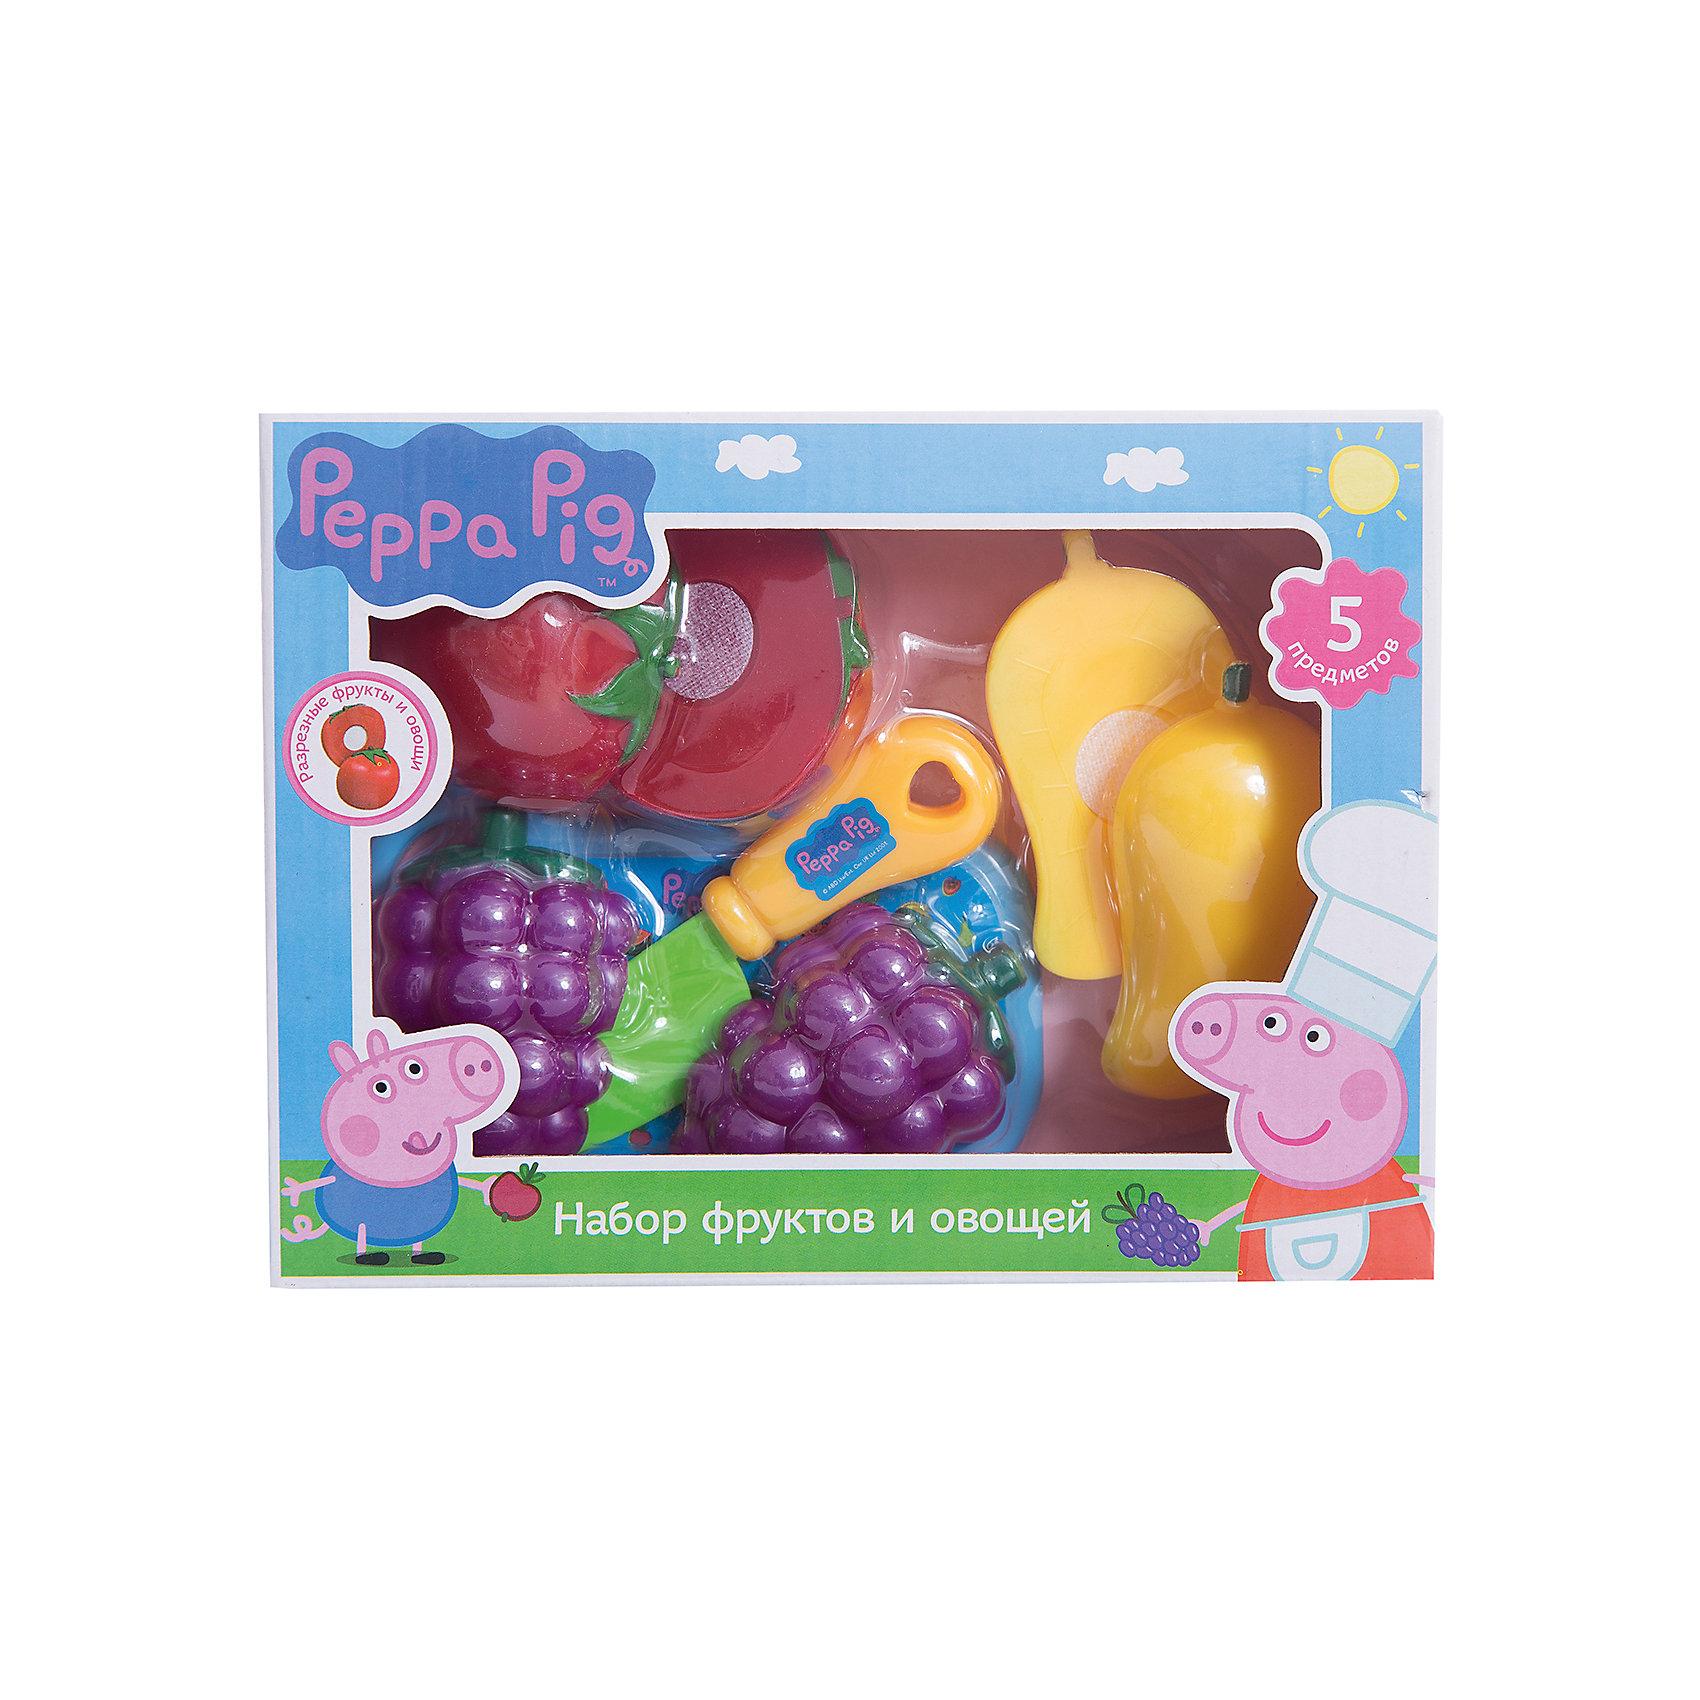 Набор Фрукты и овощи, Свинка ПеппаИгрушечные продукты питания<br>Набор Фрукты и овощи, Свинка Пеппа – набор пластиковых продуктов и кухонной утвари позволит малышке почувствовать себя настоящей хозяйкой.<br>С игровым набором фруктов и овощей Свинка Пеппа юные фантазеры смогут организовать множество увлекательных сюжетно-ролевых игр, во время которых у них будут развиваться навыки общения, словарный запас, моторика и, конечно, интерес к кулинарии, что особенно важно для развития хозяйственности в девочках. Такой набор станет прекрасным дополнением для детской кухни.<br><br>Дополнительная информация:<br><br>- В наборе 5 предметов: помидор, виноград, перец (каждый продукт разделен на 2 половинки, скрепляющихся на липучку), разделочная доска, безопасный ножик<br>- Игрушки выполнены из высококачественного пластика, не имеют острых углов<br>- Товар сертифицирован<br>- Упаковка: коробка с окном<br>- Размер упаковки: 20х15х5,5 см.<br>- Вес: 156 гр.<br><br>Набор Фрукты и овощи, Свинка Пеппа можно купить в нашем интернет-магазине.<br><br>Ширина мм: 200<br>Глубина мм: 150<br>Высота мм: 55<br>Вес г: 156<br>Возраст от месяцев: 36<br>Возраст до месяцев: 72<br>Пол: Женский<br>Возраст: Детский<br>SKU: 4558614